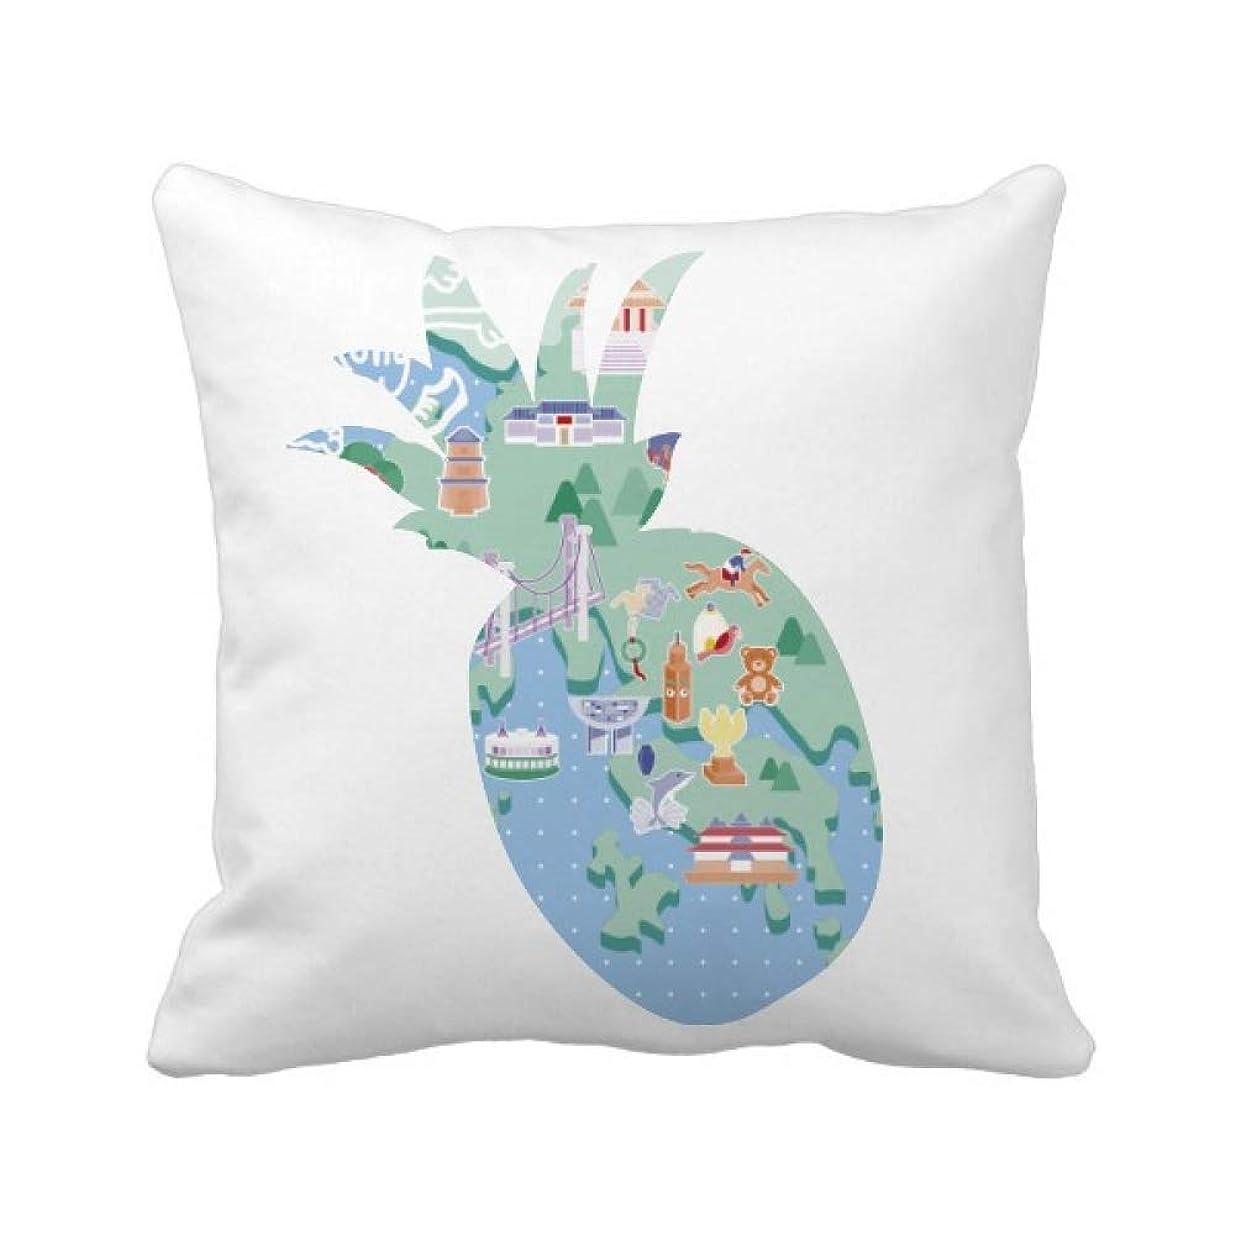 作曲家シャワー登山家香港は中国の有名な場所の地図 パイナップル枕カバー正方形を投げる 50cm x 50cm